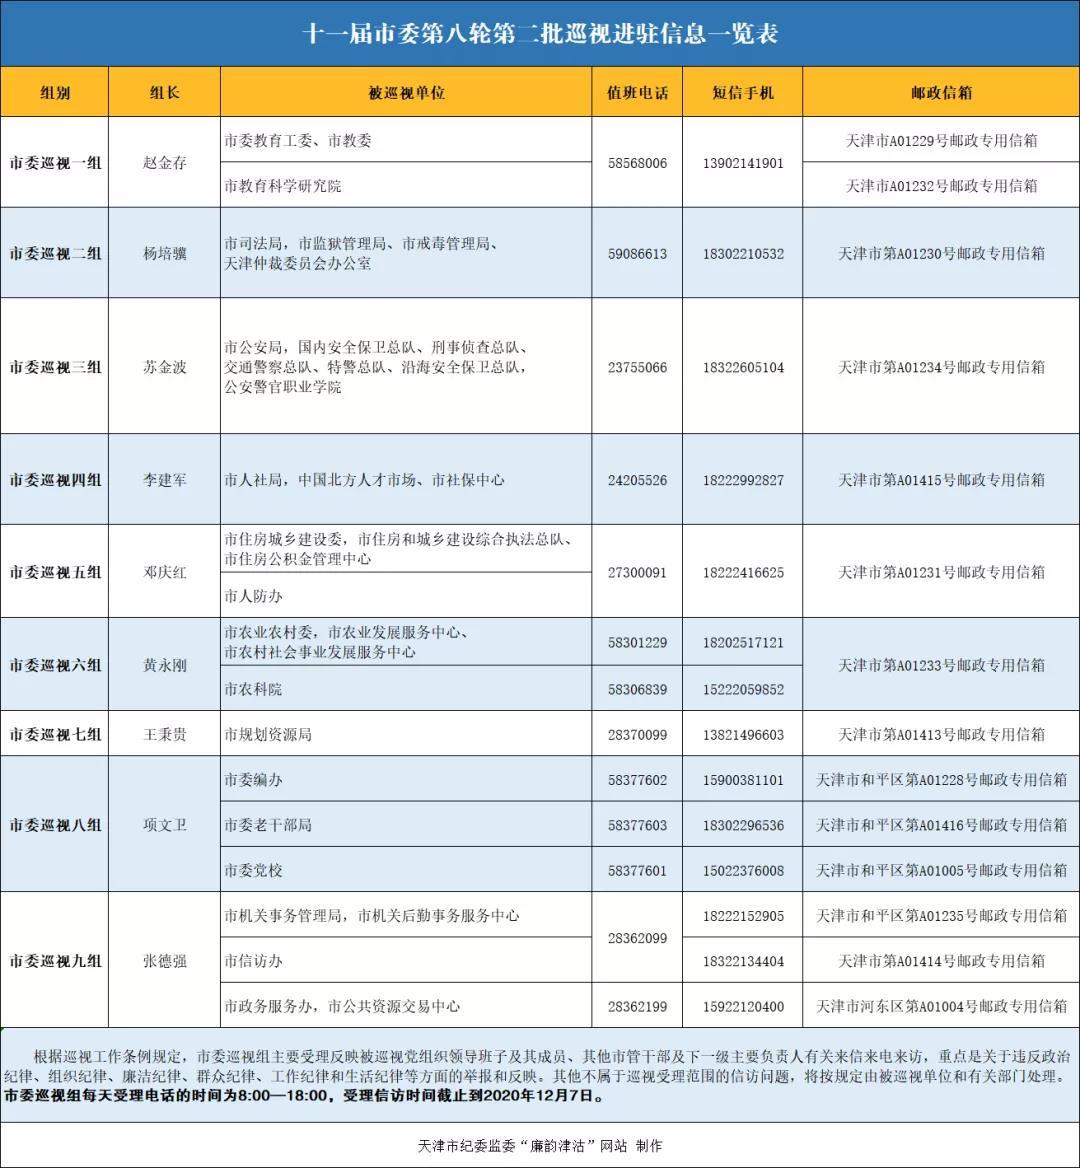 十一届市委第八轮第二批巡视全部进驻,相关信息一览表公布